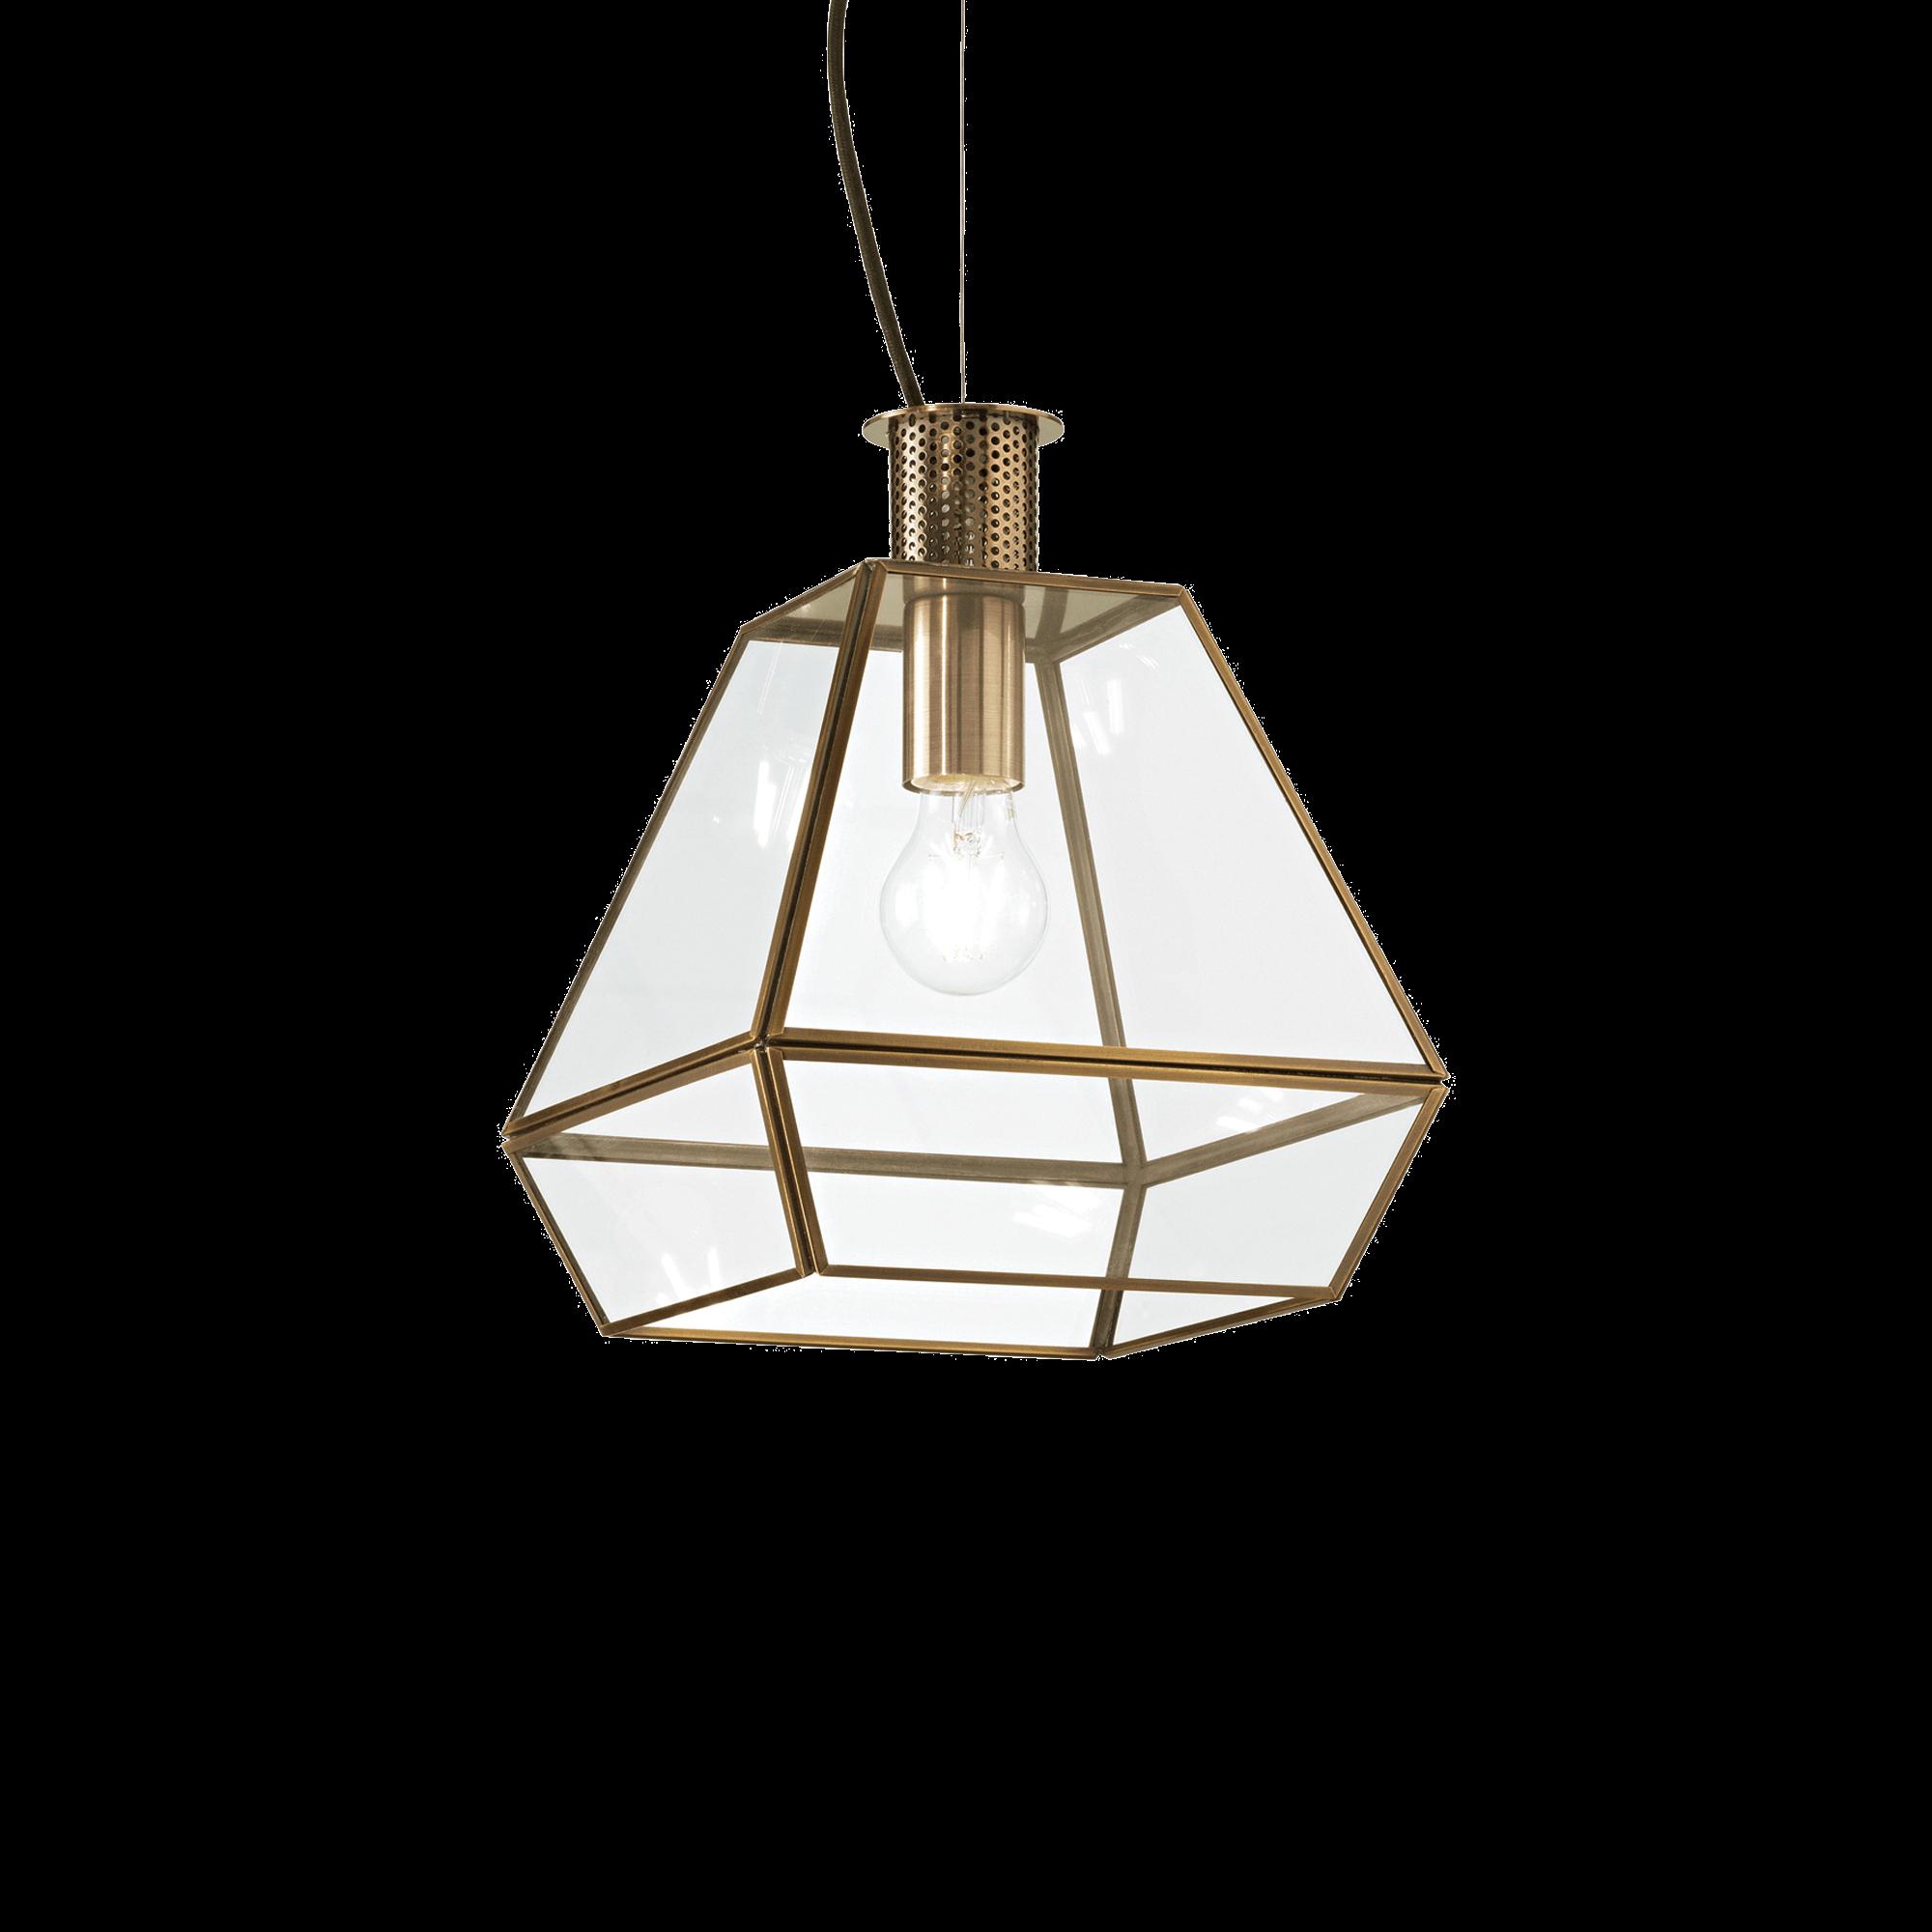 Ideal Lux 152776 ORANGERIE SP1 SMALL függeszték